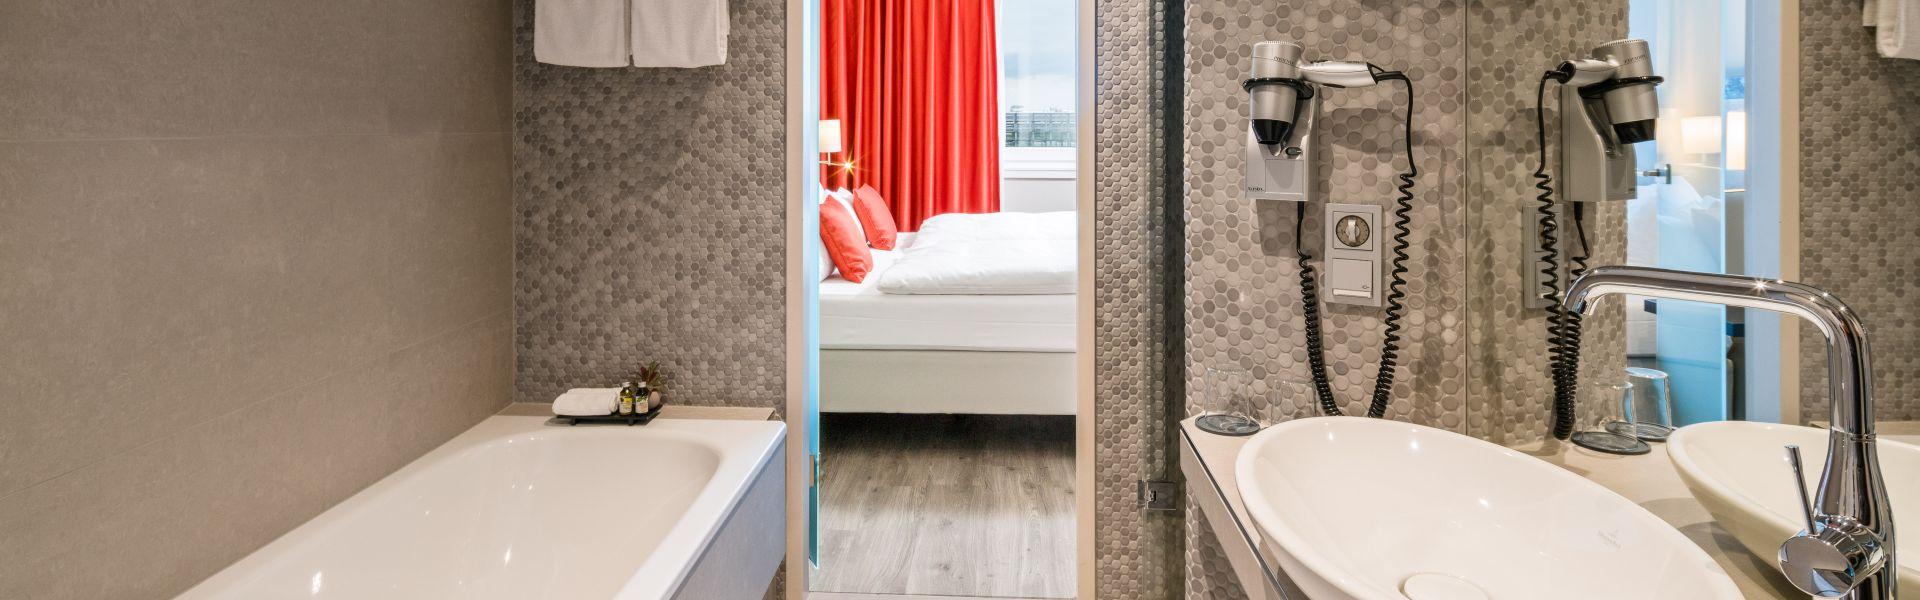 Hotel Bad Bielefelder Hof